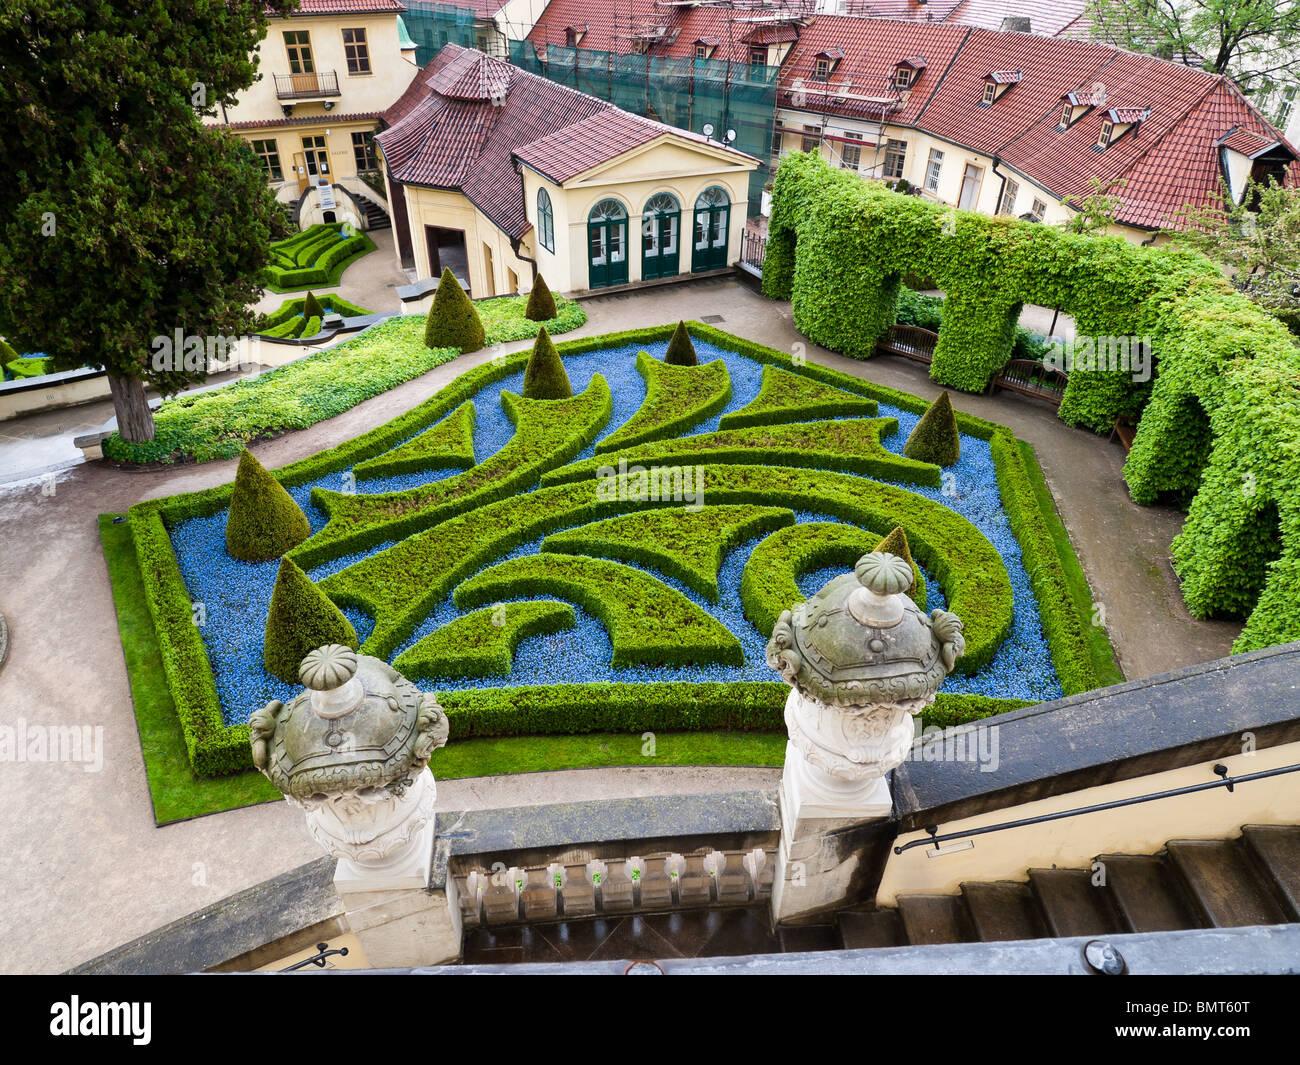 vrtba garden prague czech - photo #19